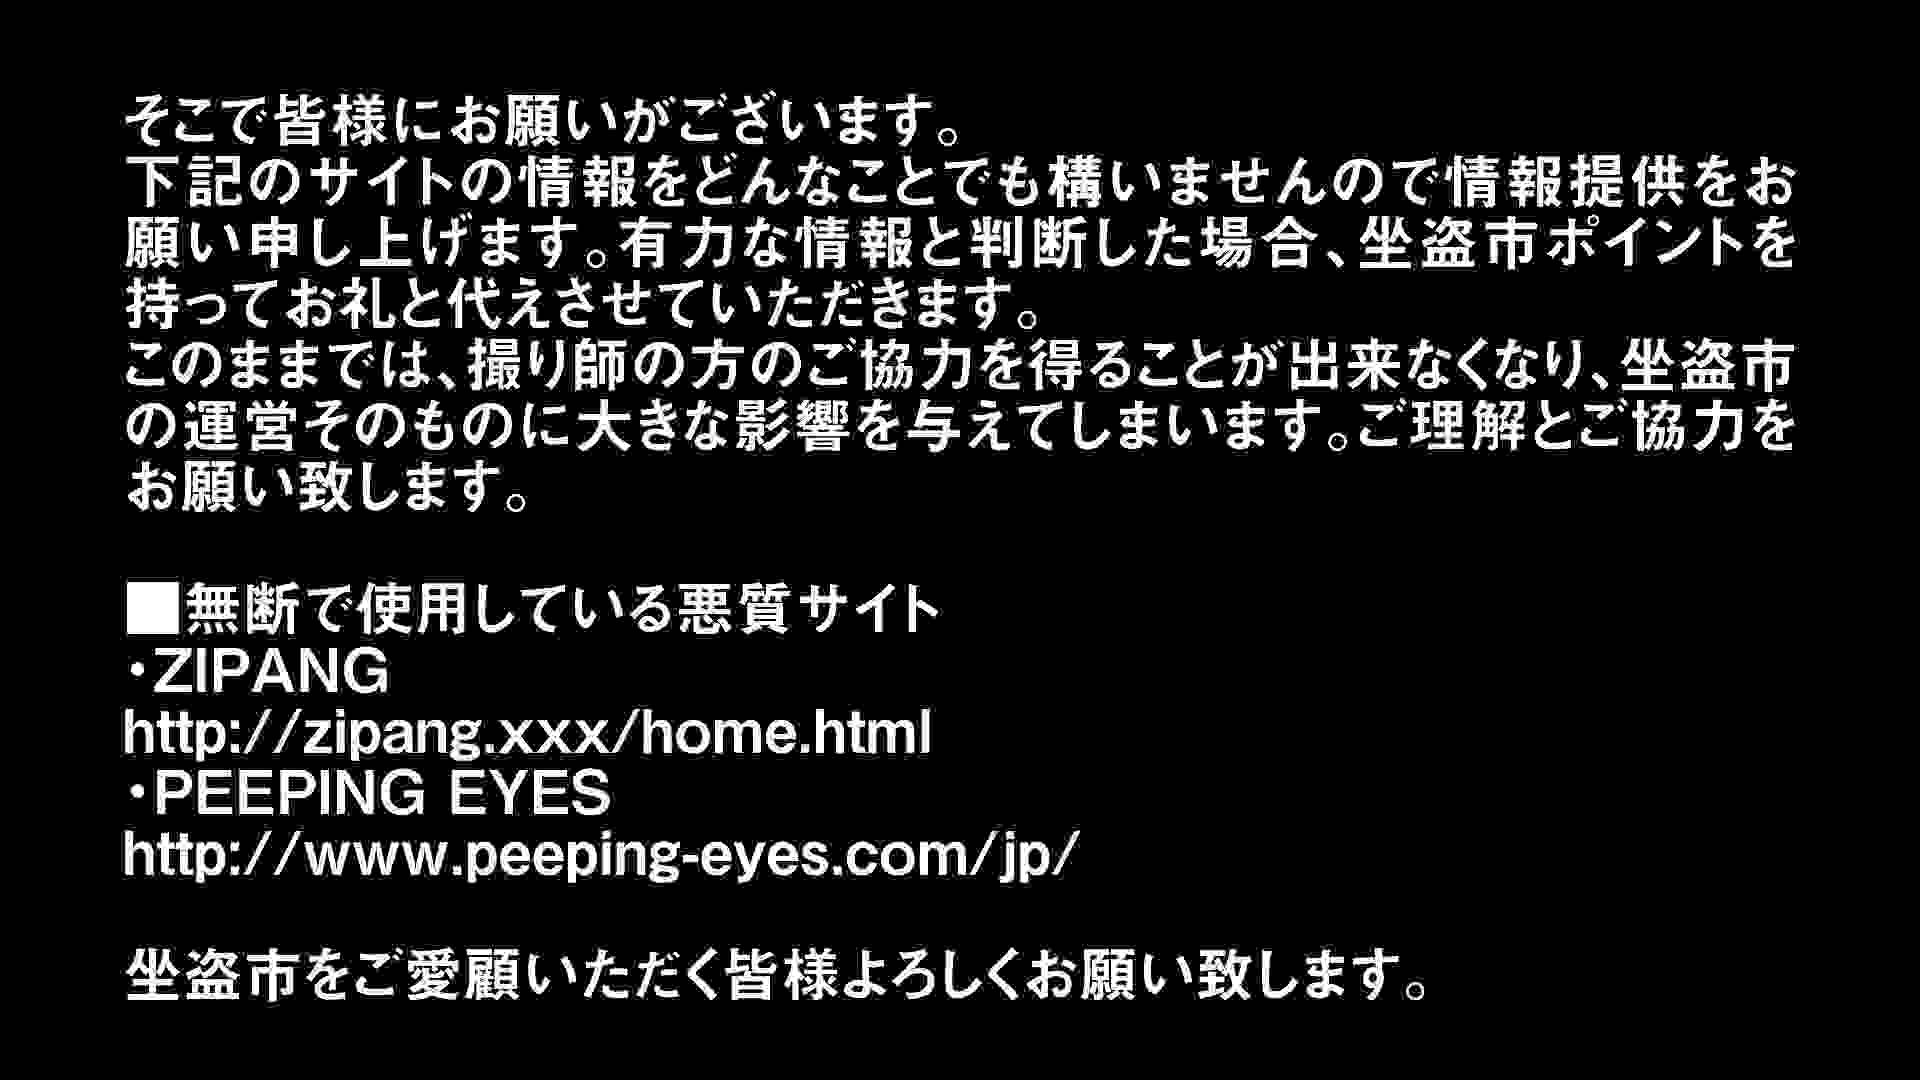 Aquaな露天風呂Vol.299 OLのエロ生活   盗撮  53連発 19